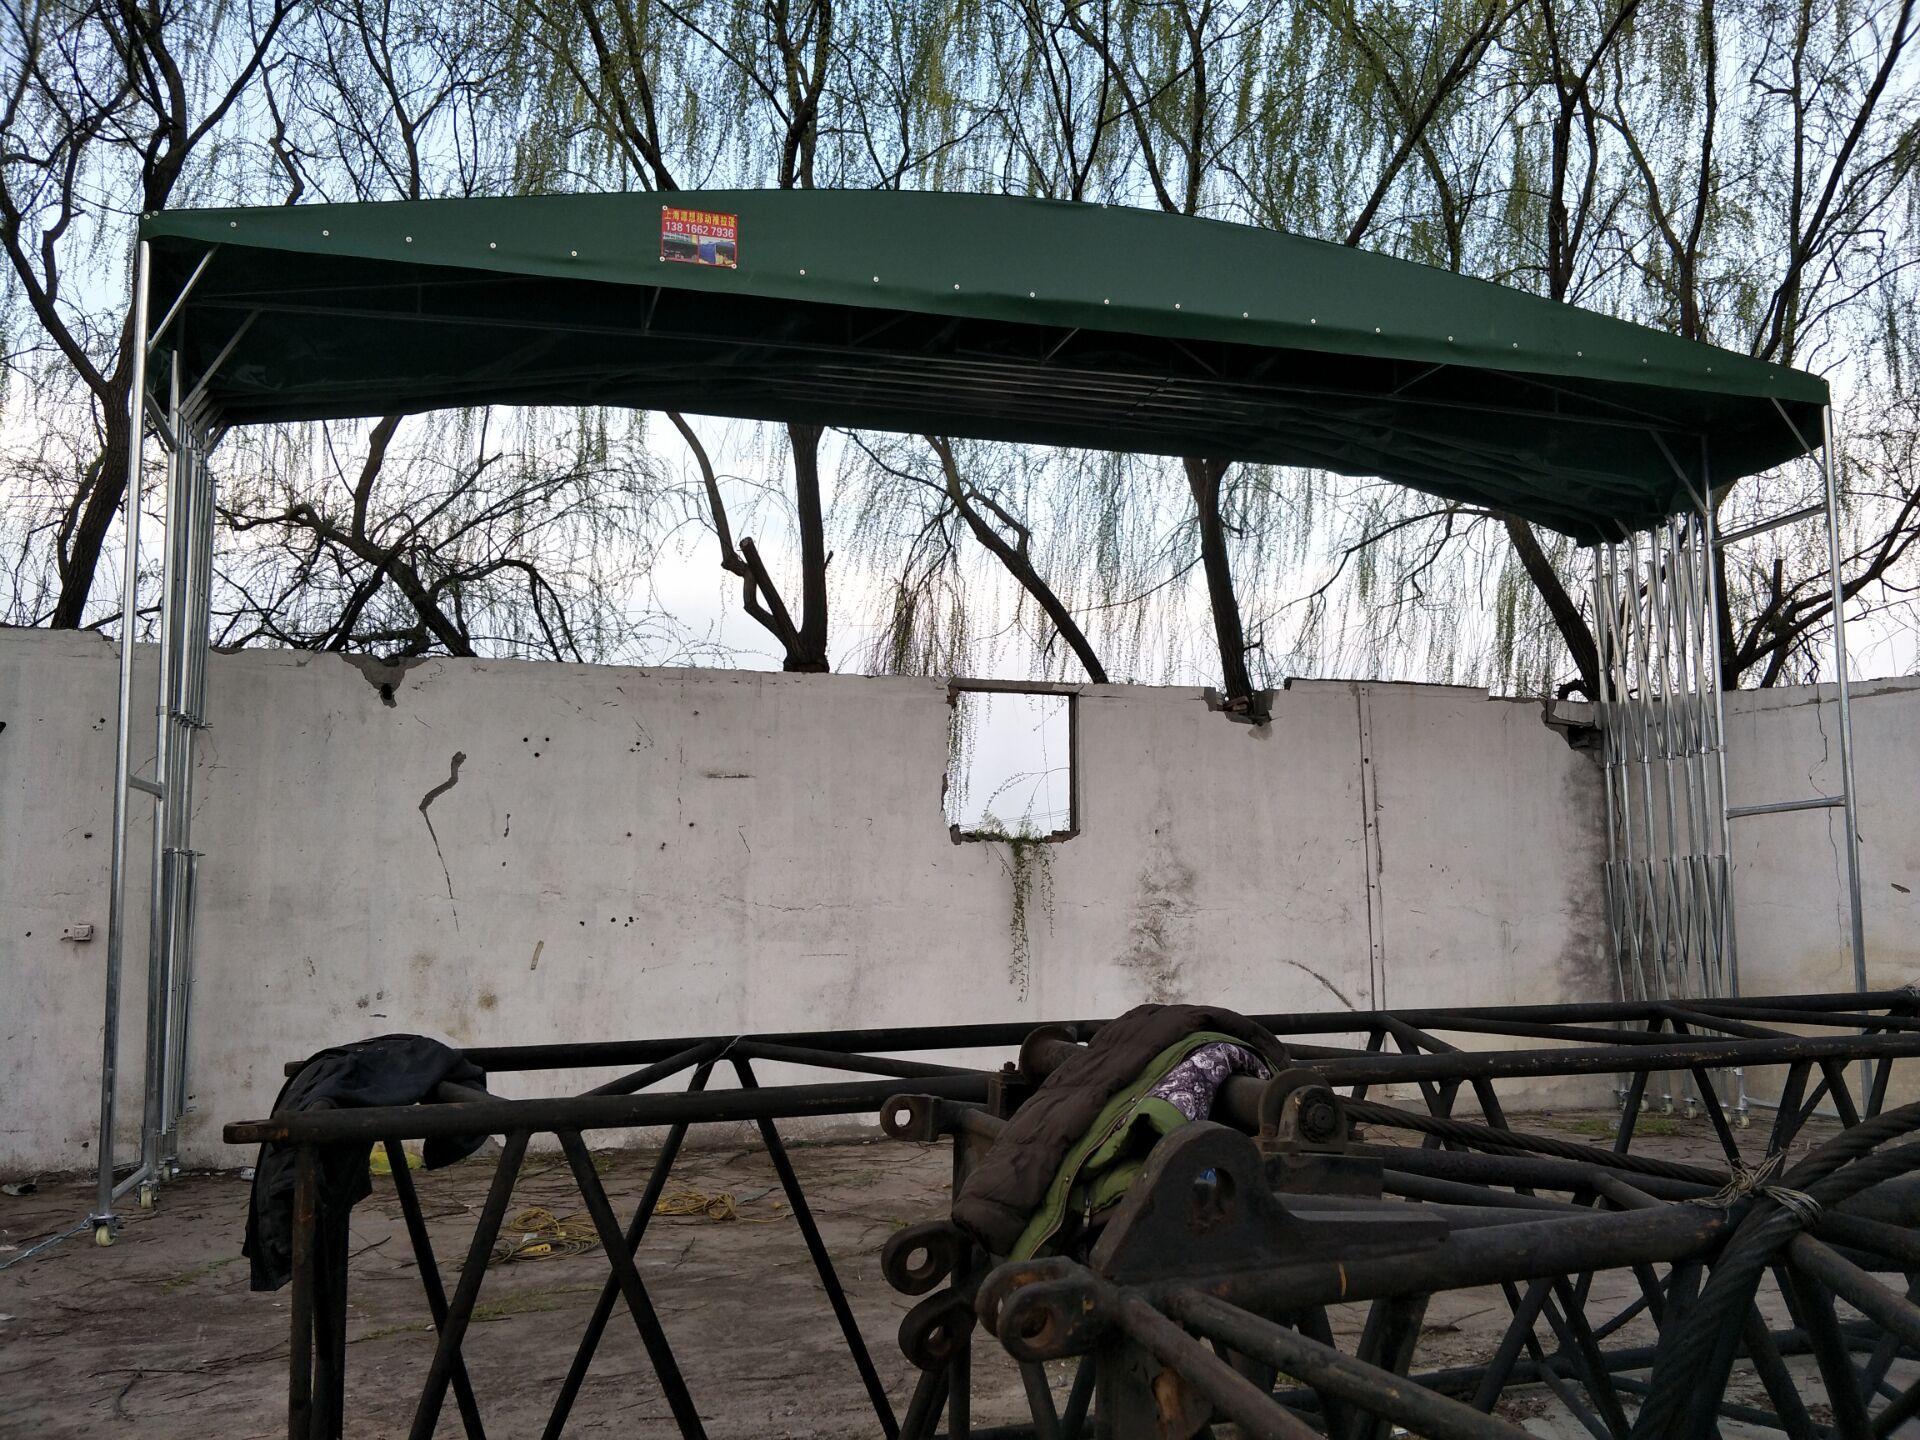 江苏遮阳棚蓬篷 移动推拉蓬棚篷 推拉遮阳棚蓬篷 伸缩棚蓬篷 专业制作厂家价格